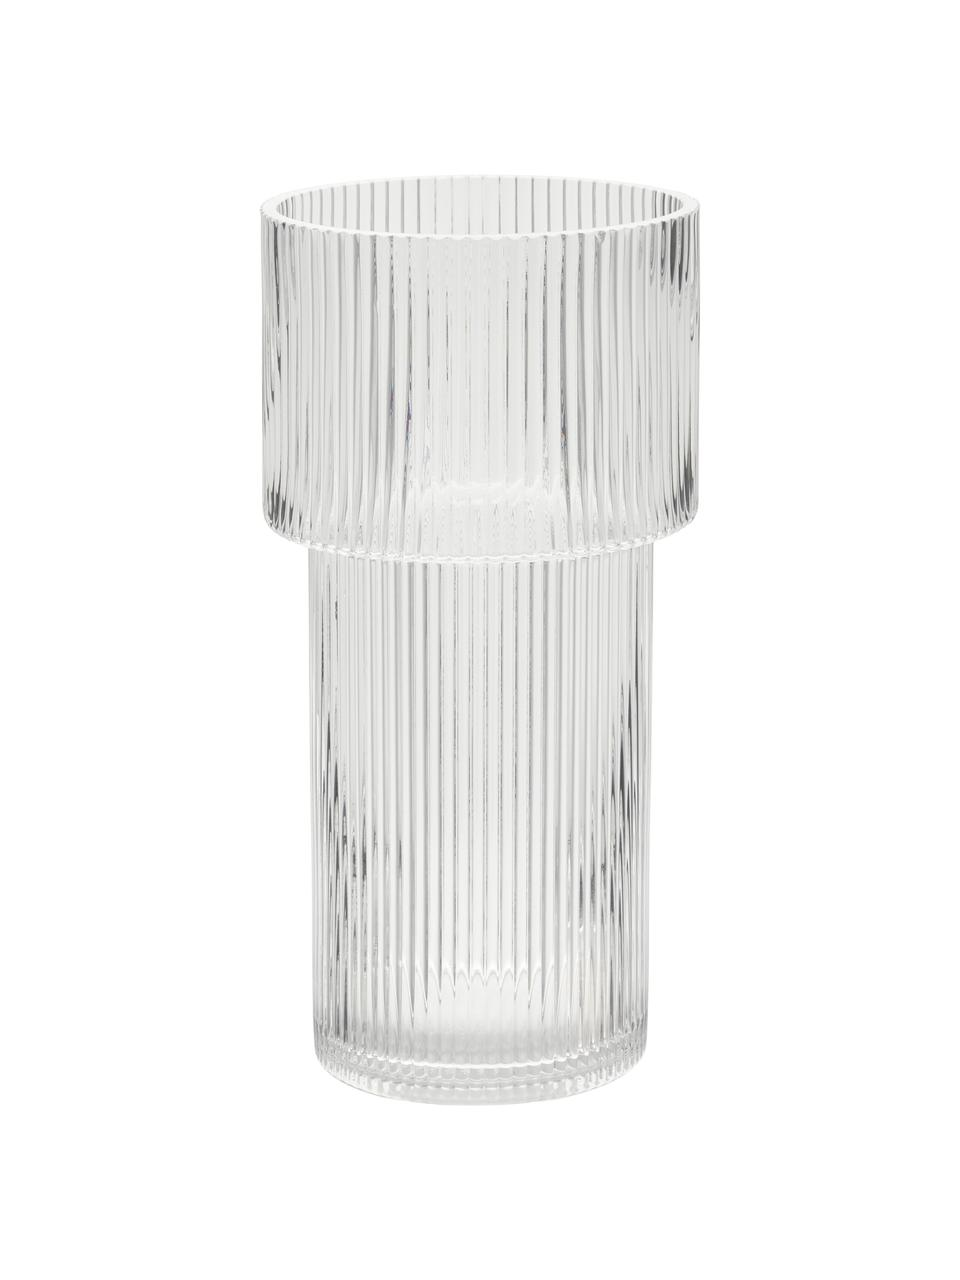 Glazen vaas Lija, Glas, Transparant, Ø 14 x H 30 cm